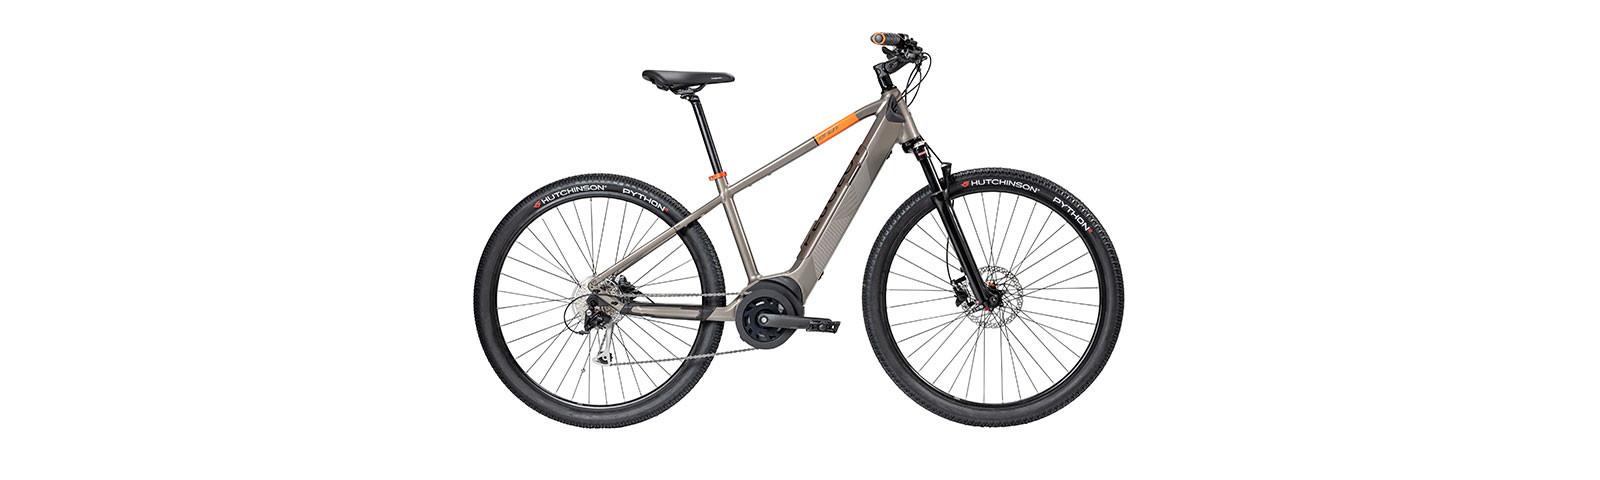 PEUGEOT Cycles lanza su gama de bicicletas eléctricas Crossover